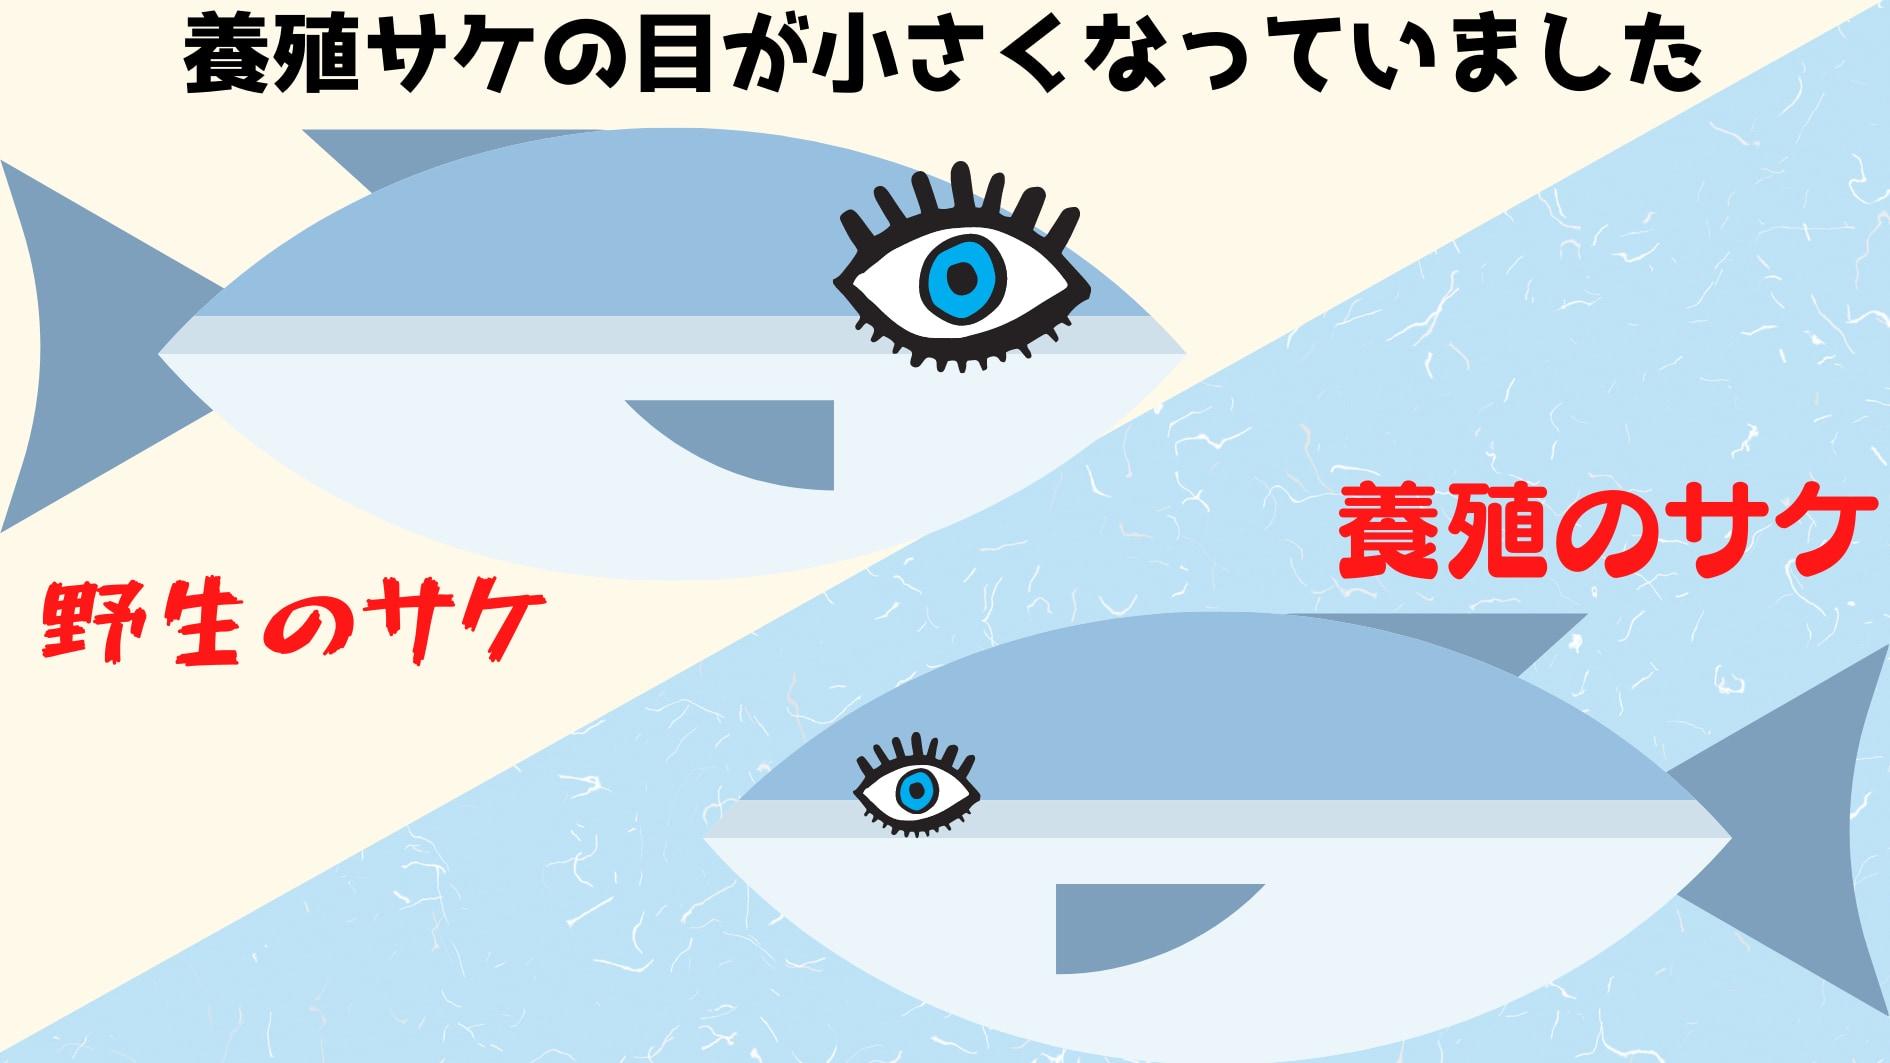 養殖によってサケの目が小さくなっていると判明!